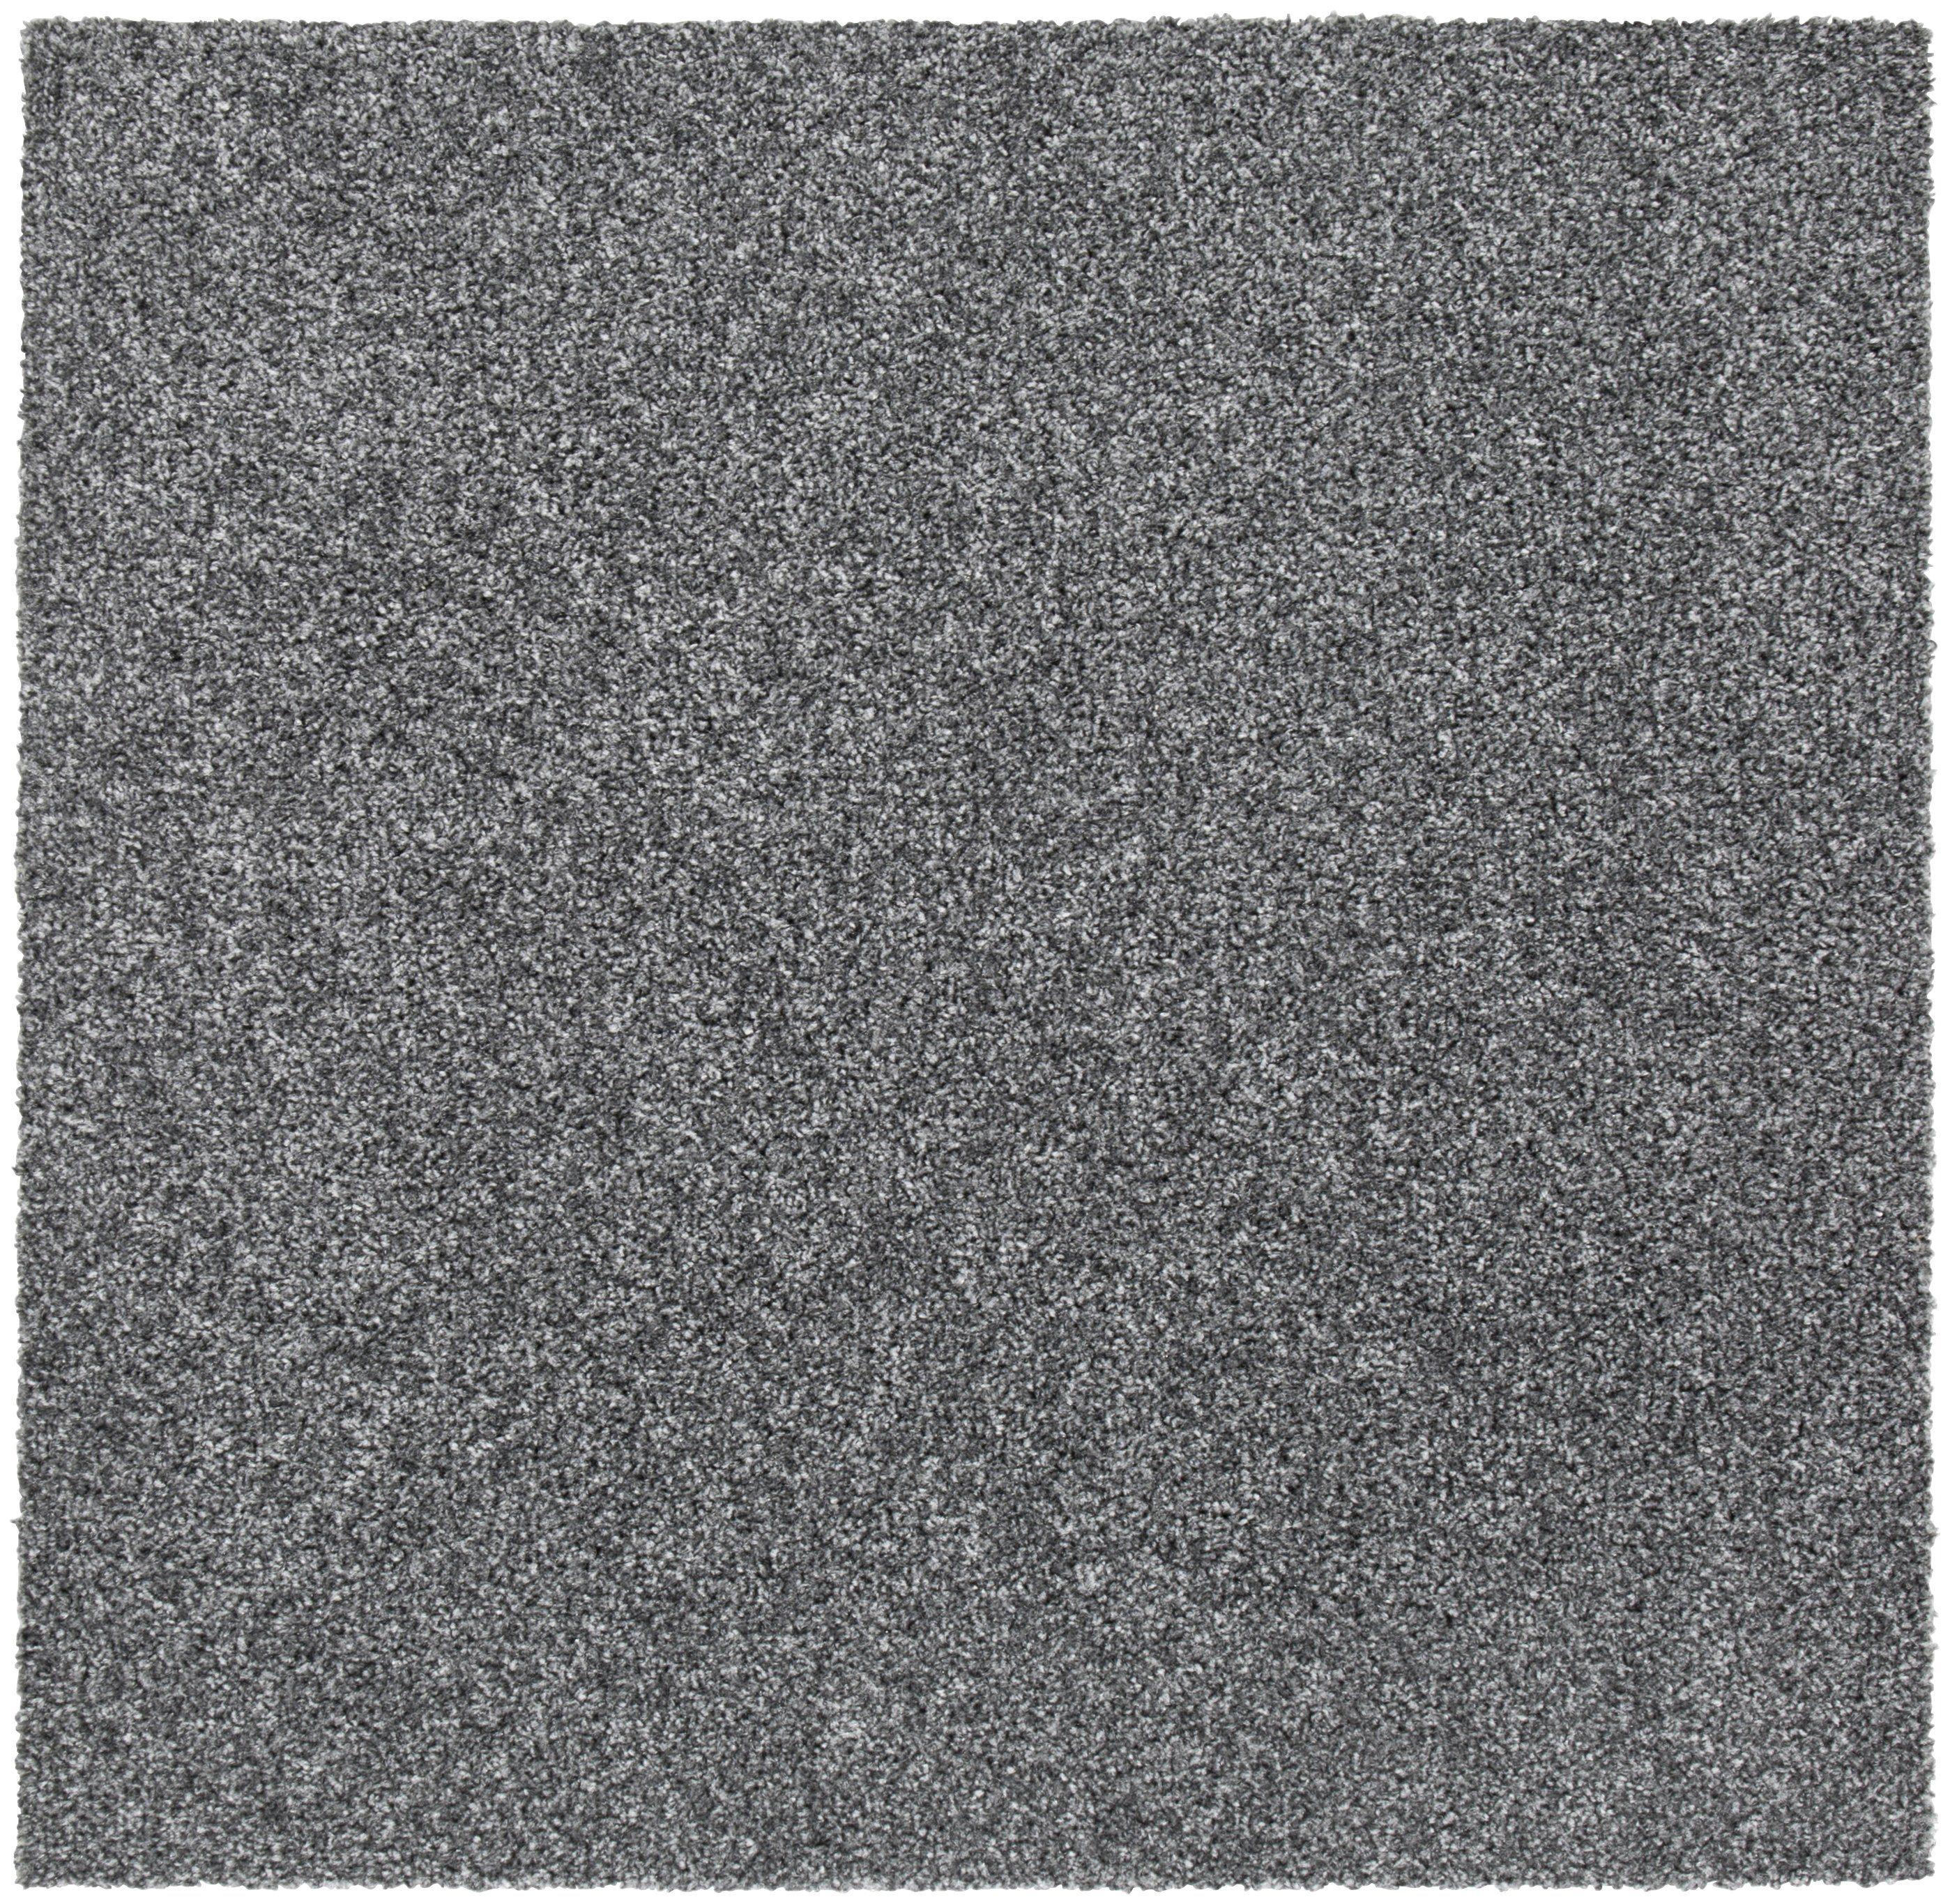 ANDIAMO Teppichfliese »Intrigo Grau«, 20 Stück (5 m²)